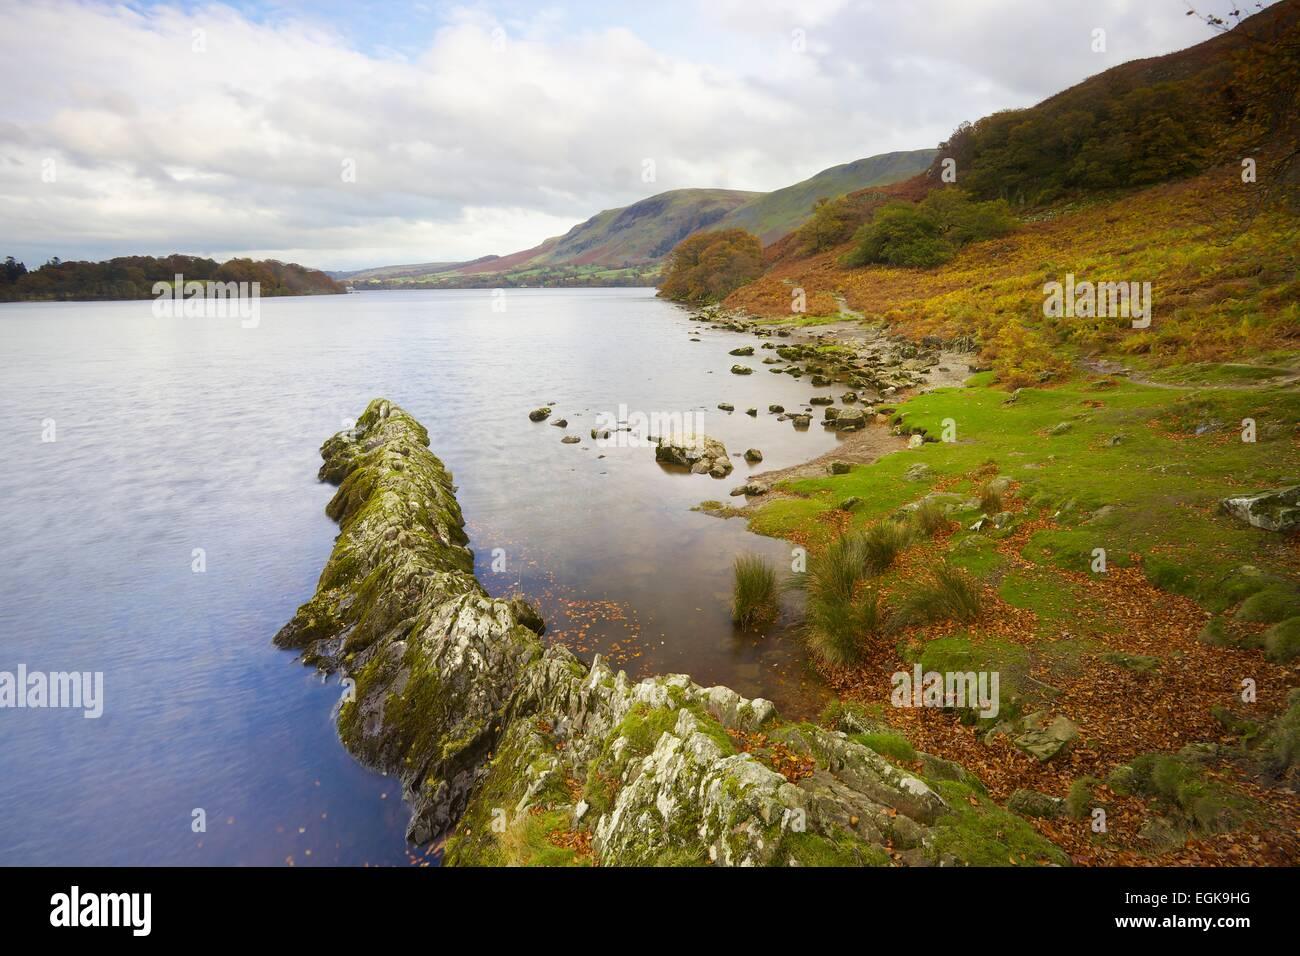 Rock spur. Kailpot Crag, Ullswater, Lake District National Park, Cumbria England UK - Stock Image